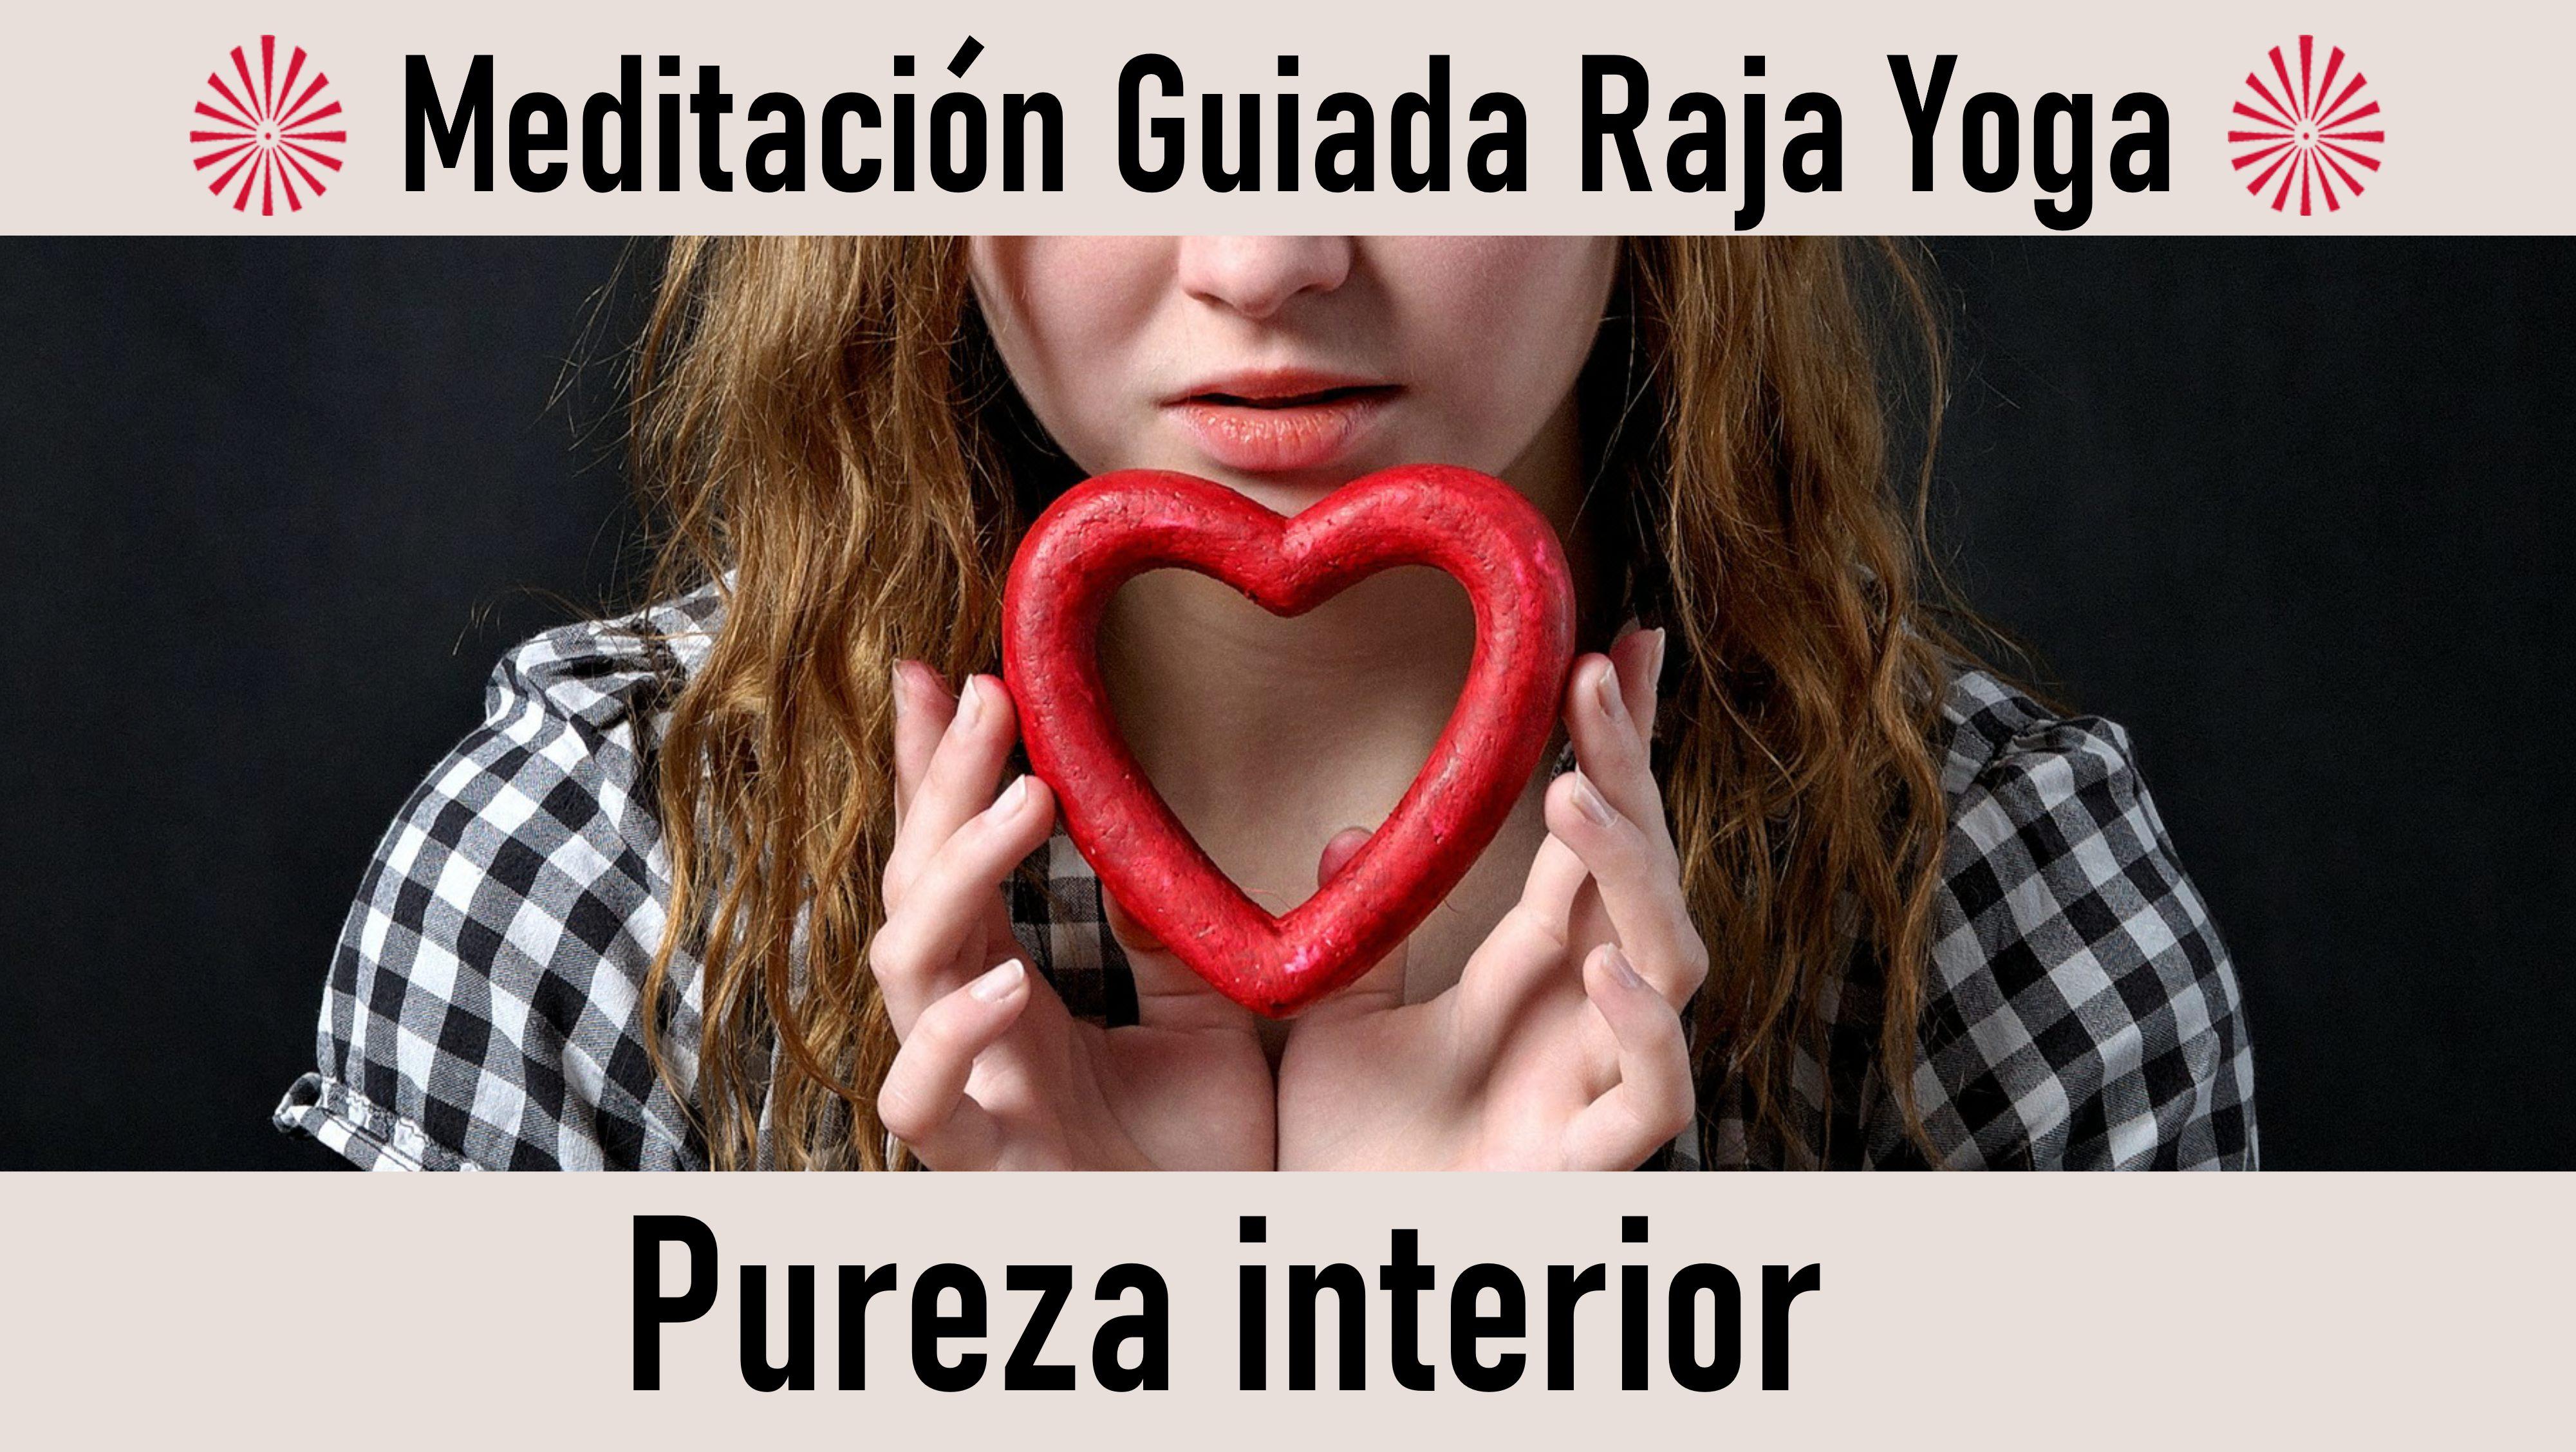 17 Julio 2020 Meditación guiada: Pureza interior